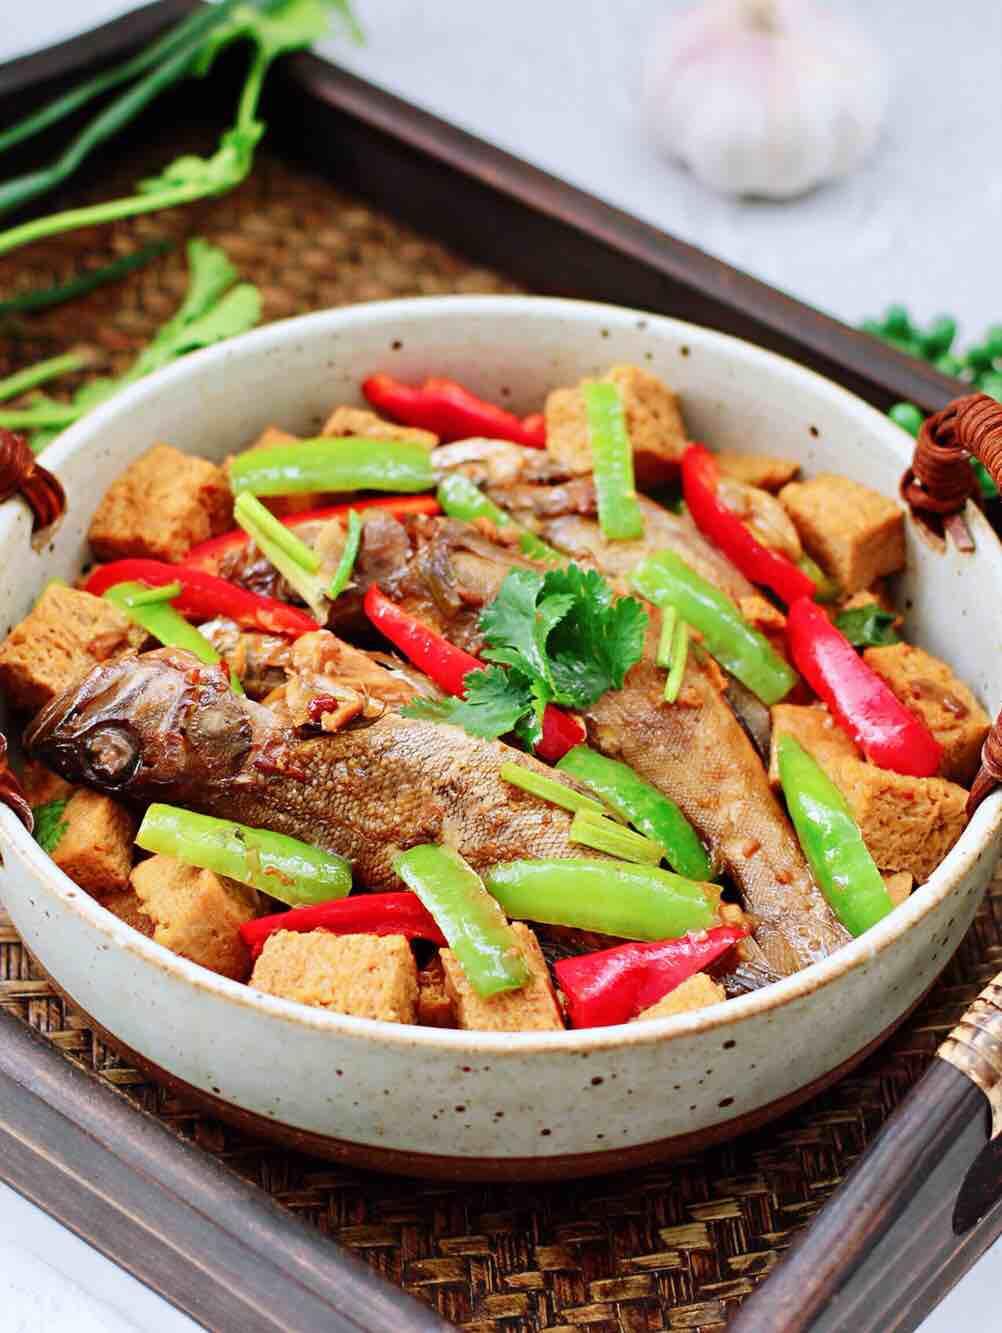 海杂鱼酱焖冻豆腐